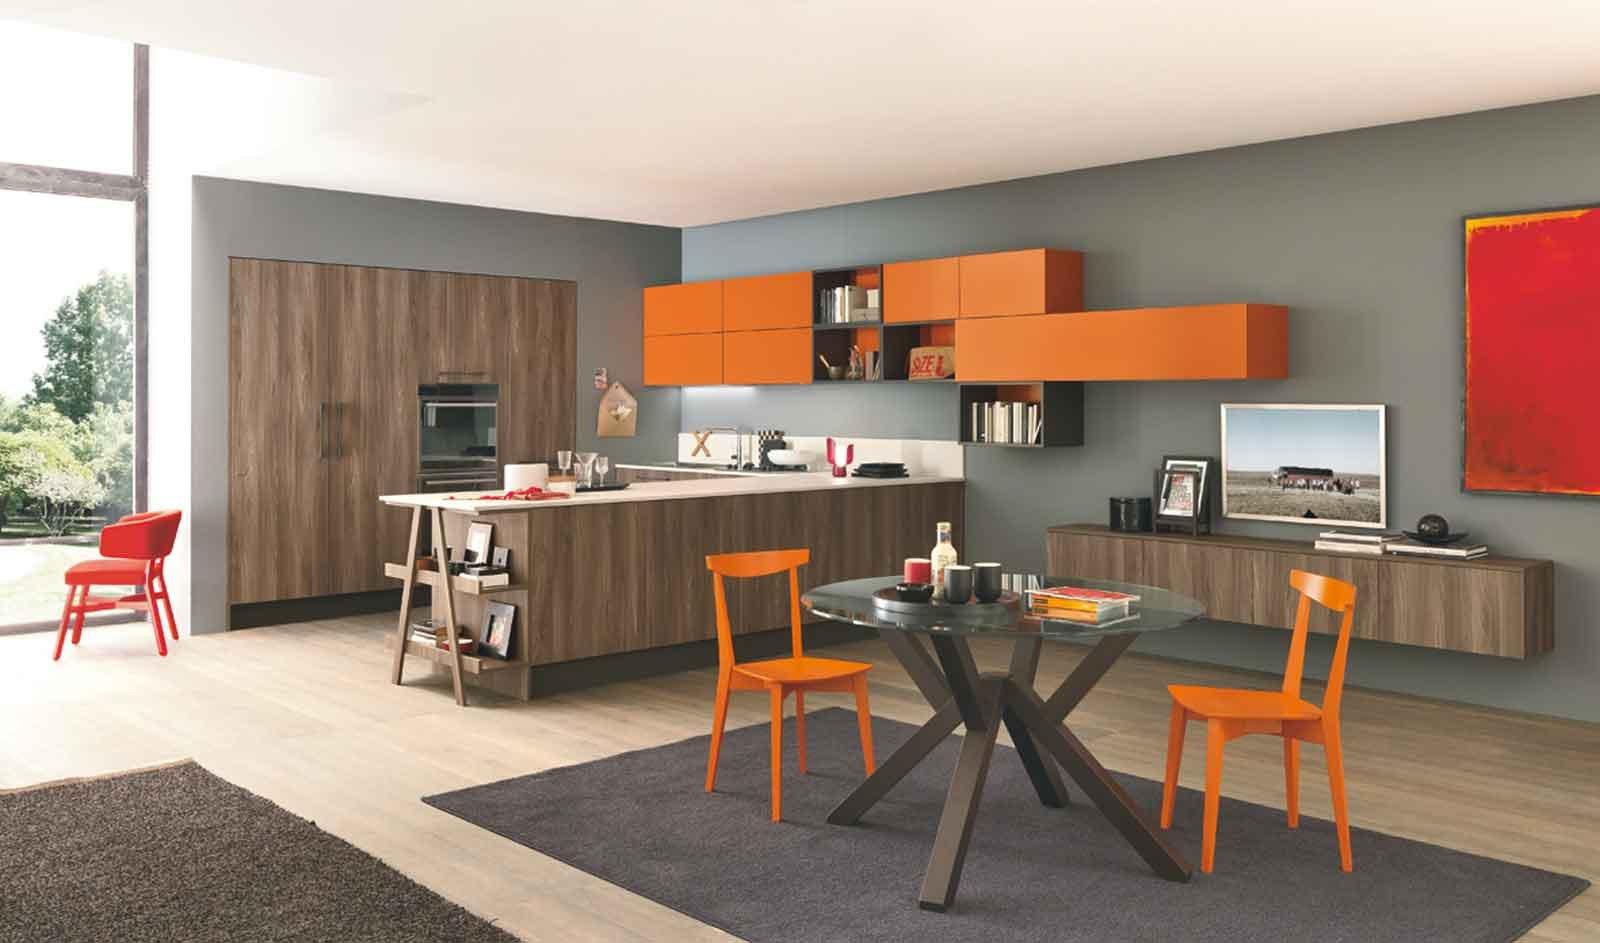 cucina e soggiorno in un unico ambiente: 3 stili - cose di casa - Unico Ambiente Cucina Salone 2